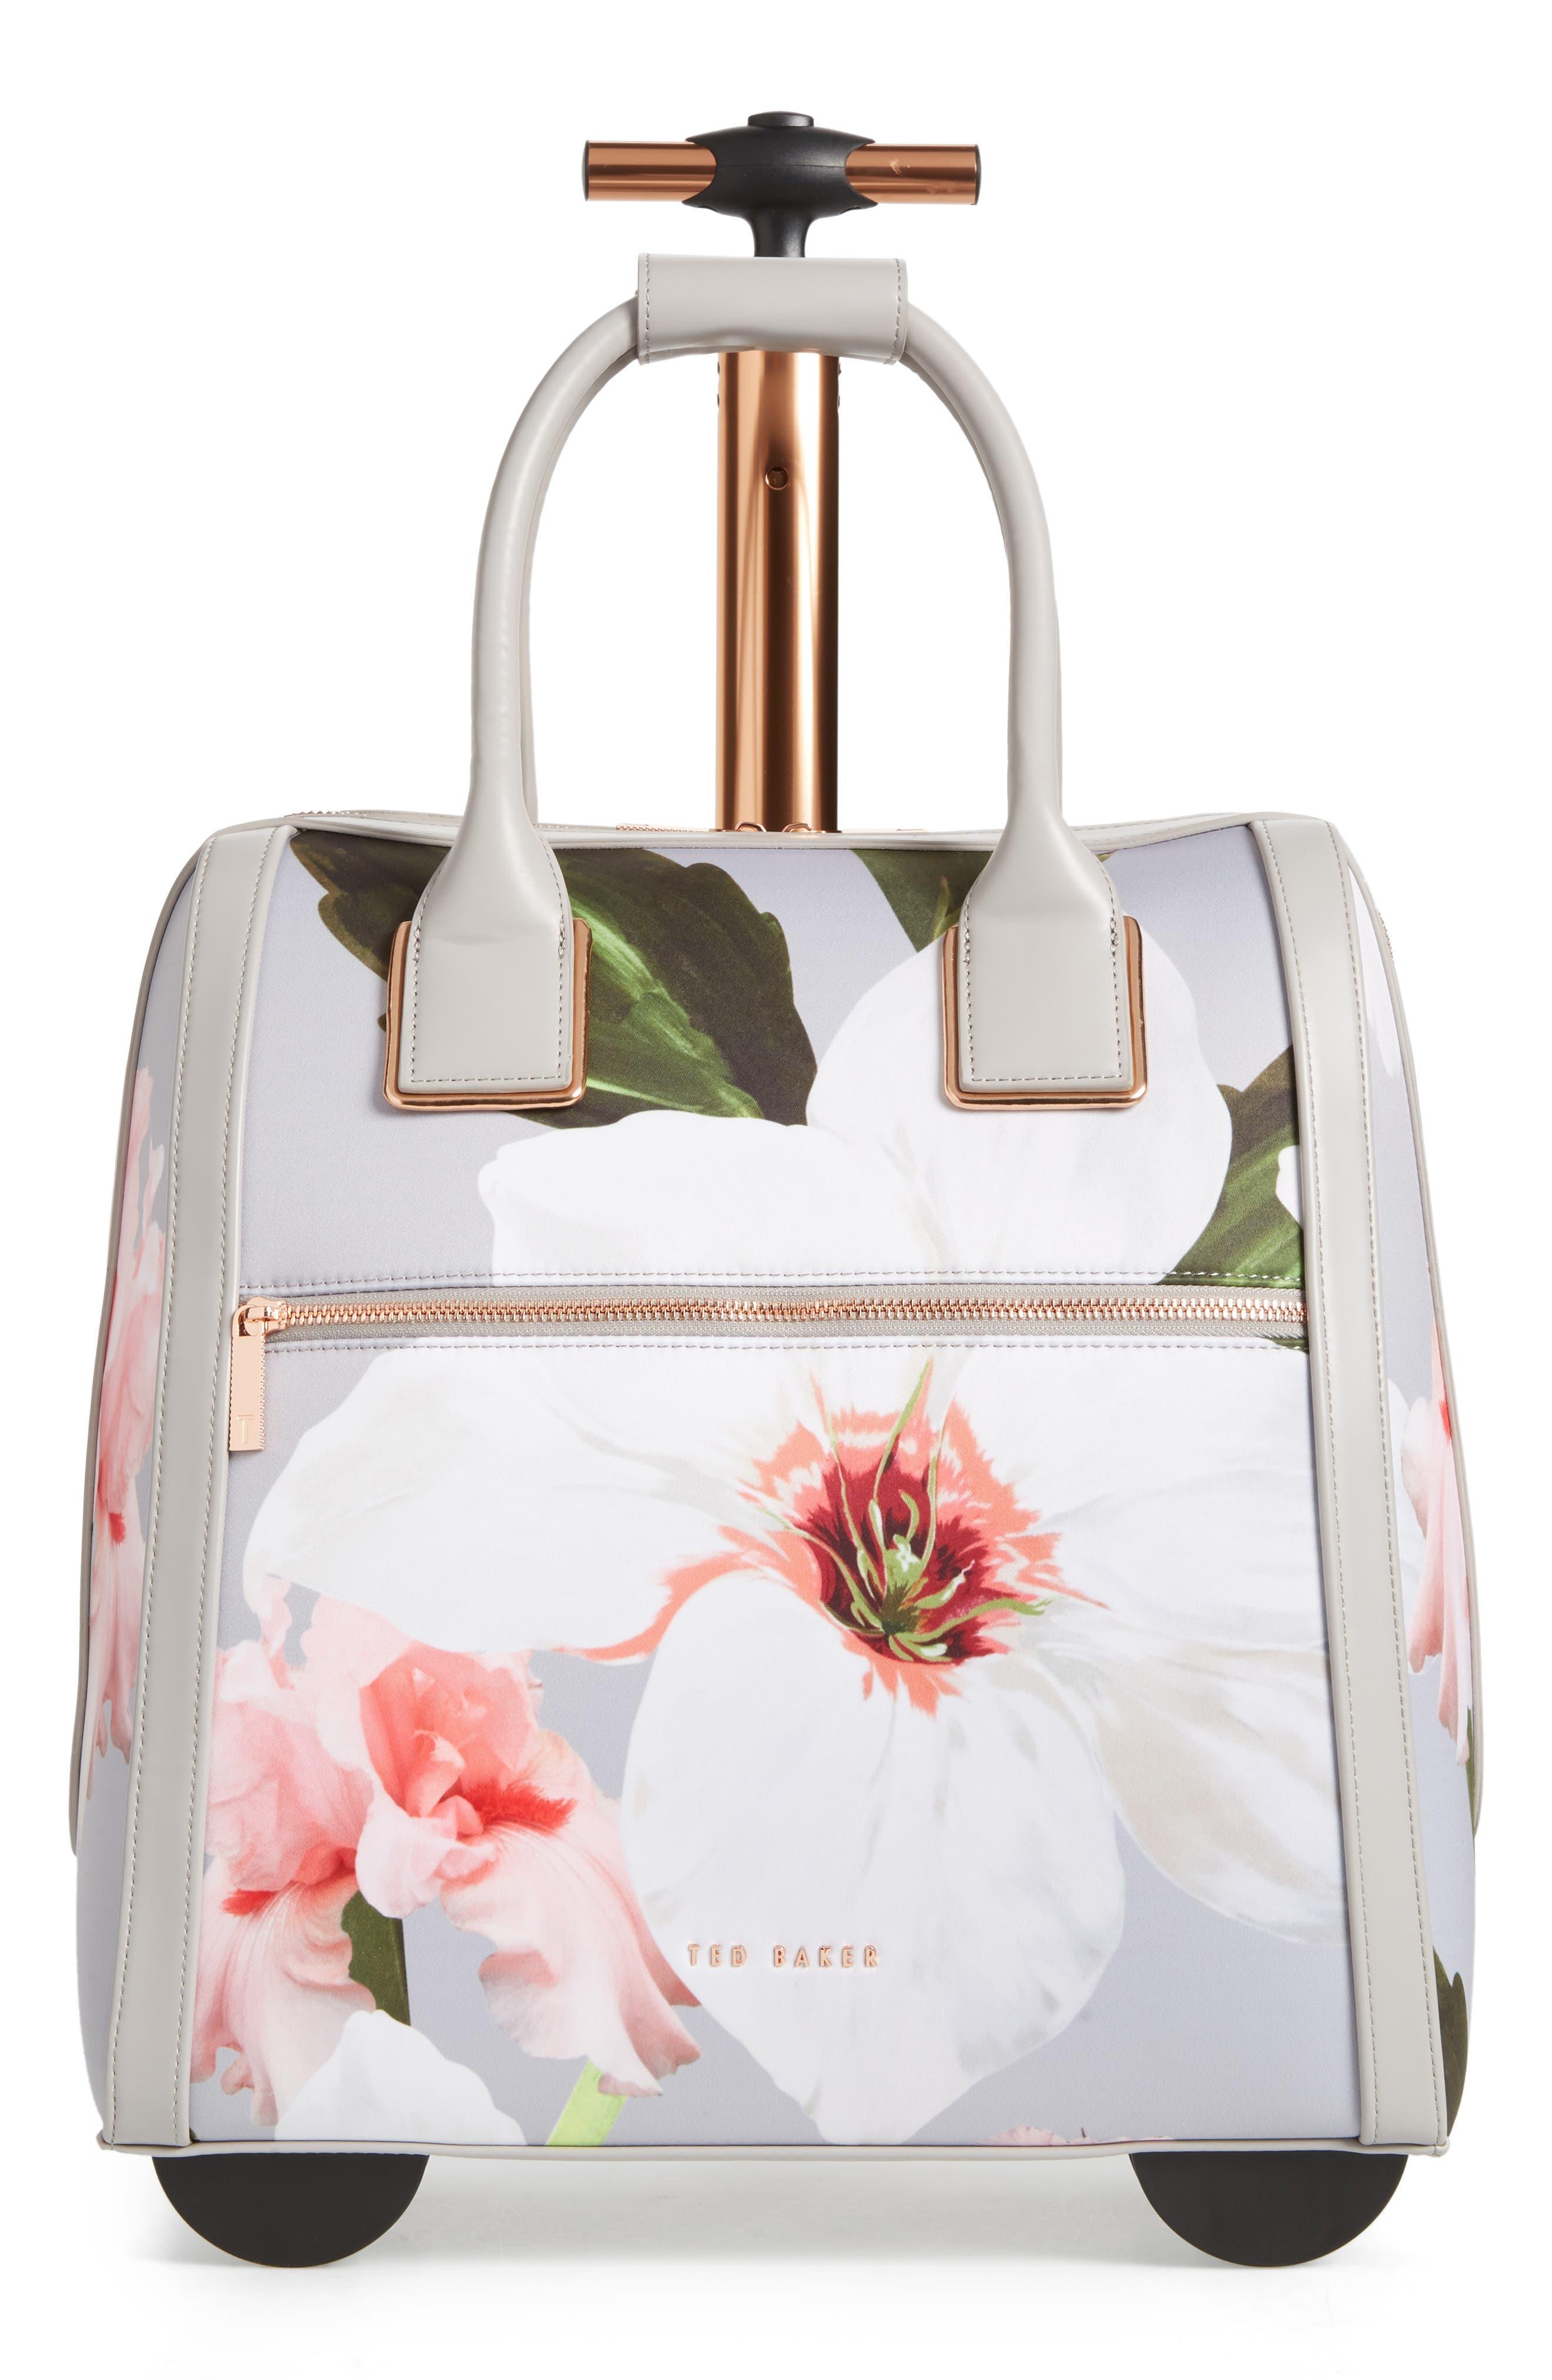 Ordina Chatsworth Bloom Travel Bag,                             Main thumbnail 1, color,                             Mid Grey